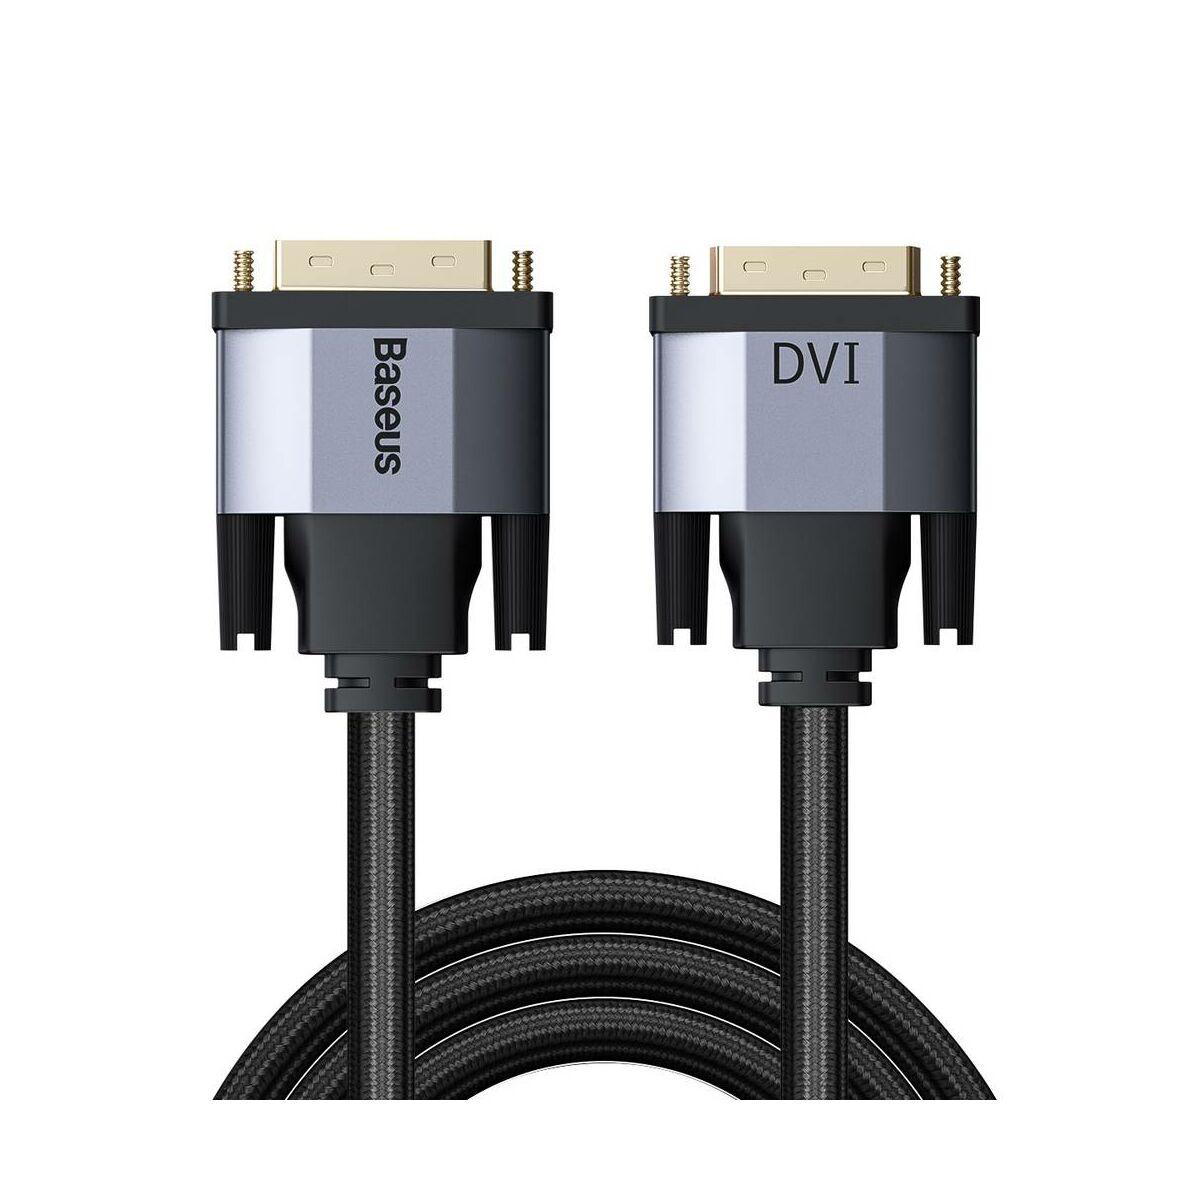 Baseus Videó kábel, Enjoyment Series, DVI [apa] - DVI [apa] kétirányú 2m, szürke (CAKSX-R0G)